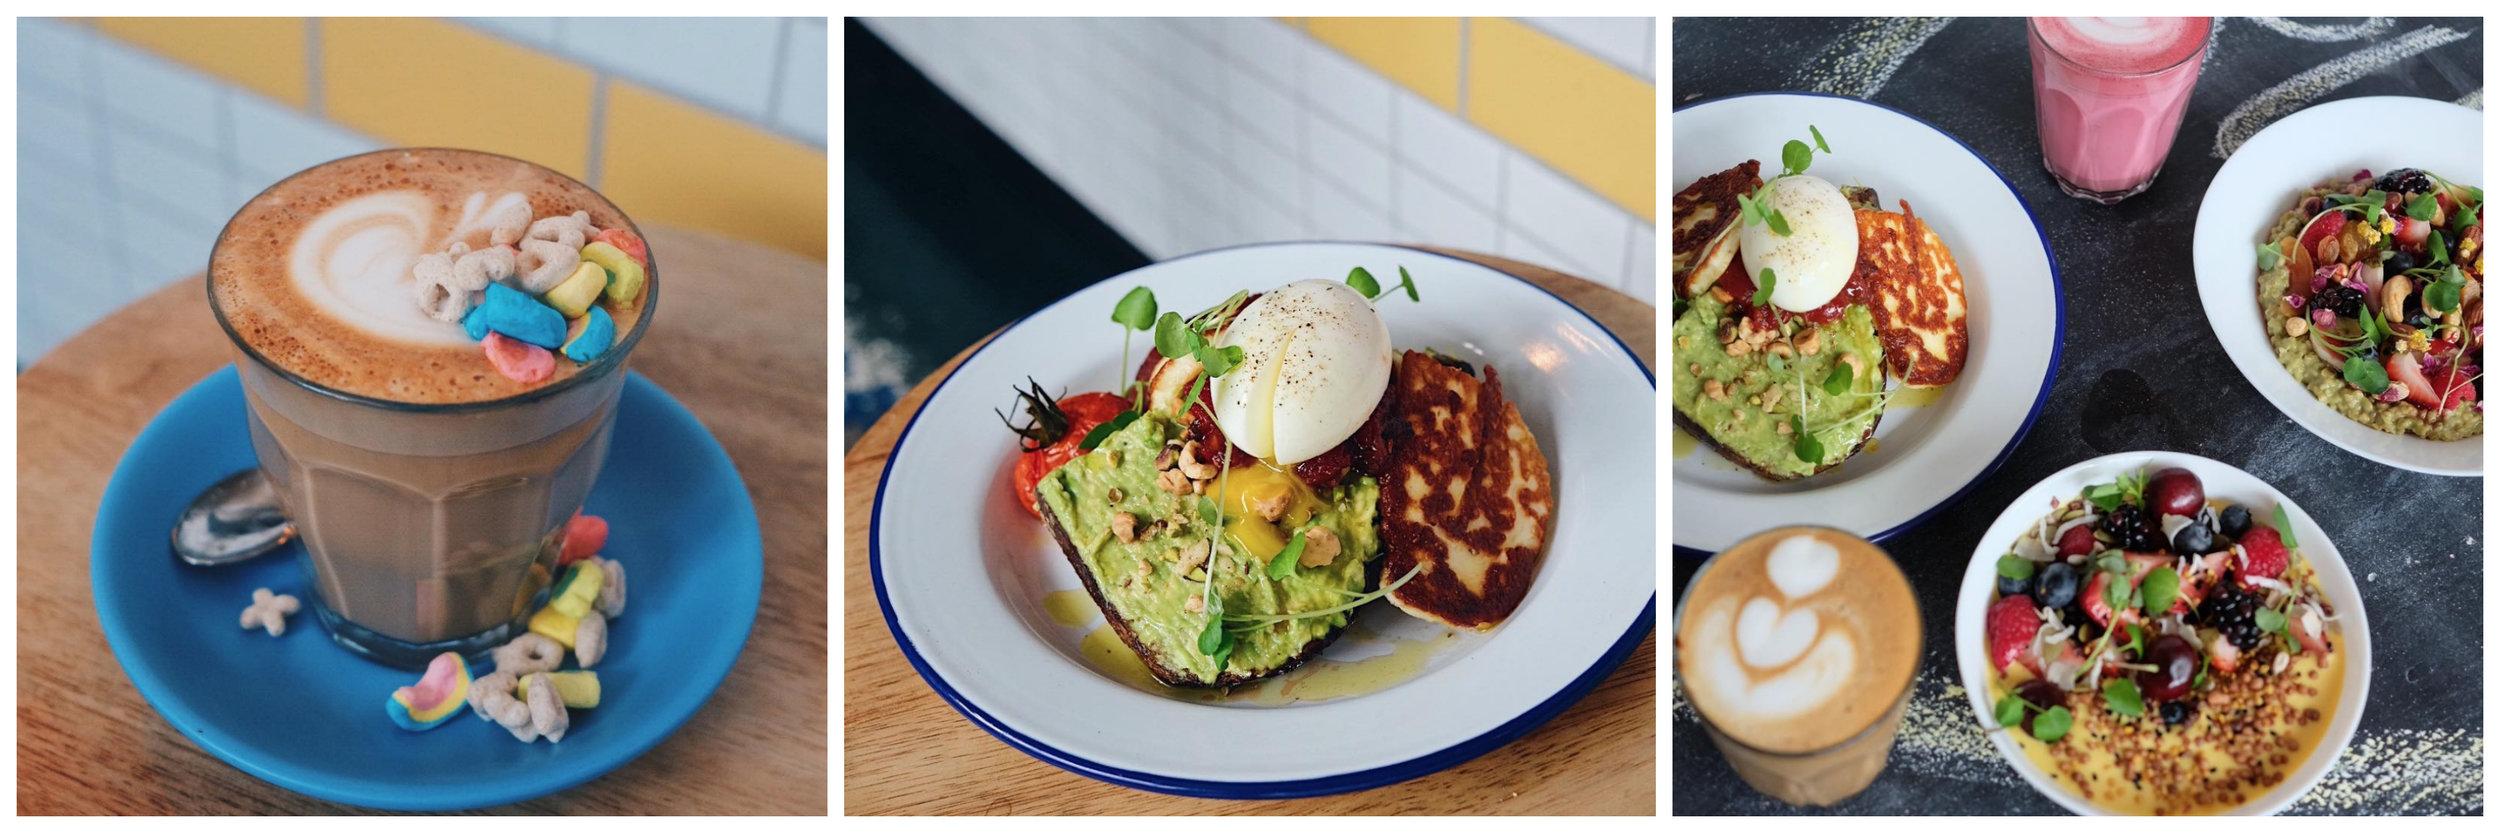 Crédit photo (gauche à droite) :  lemelbournecafe